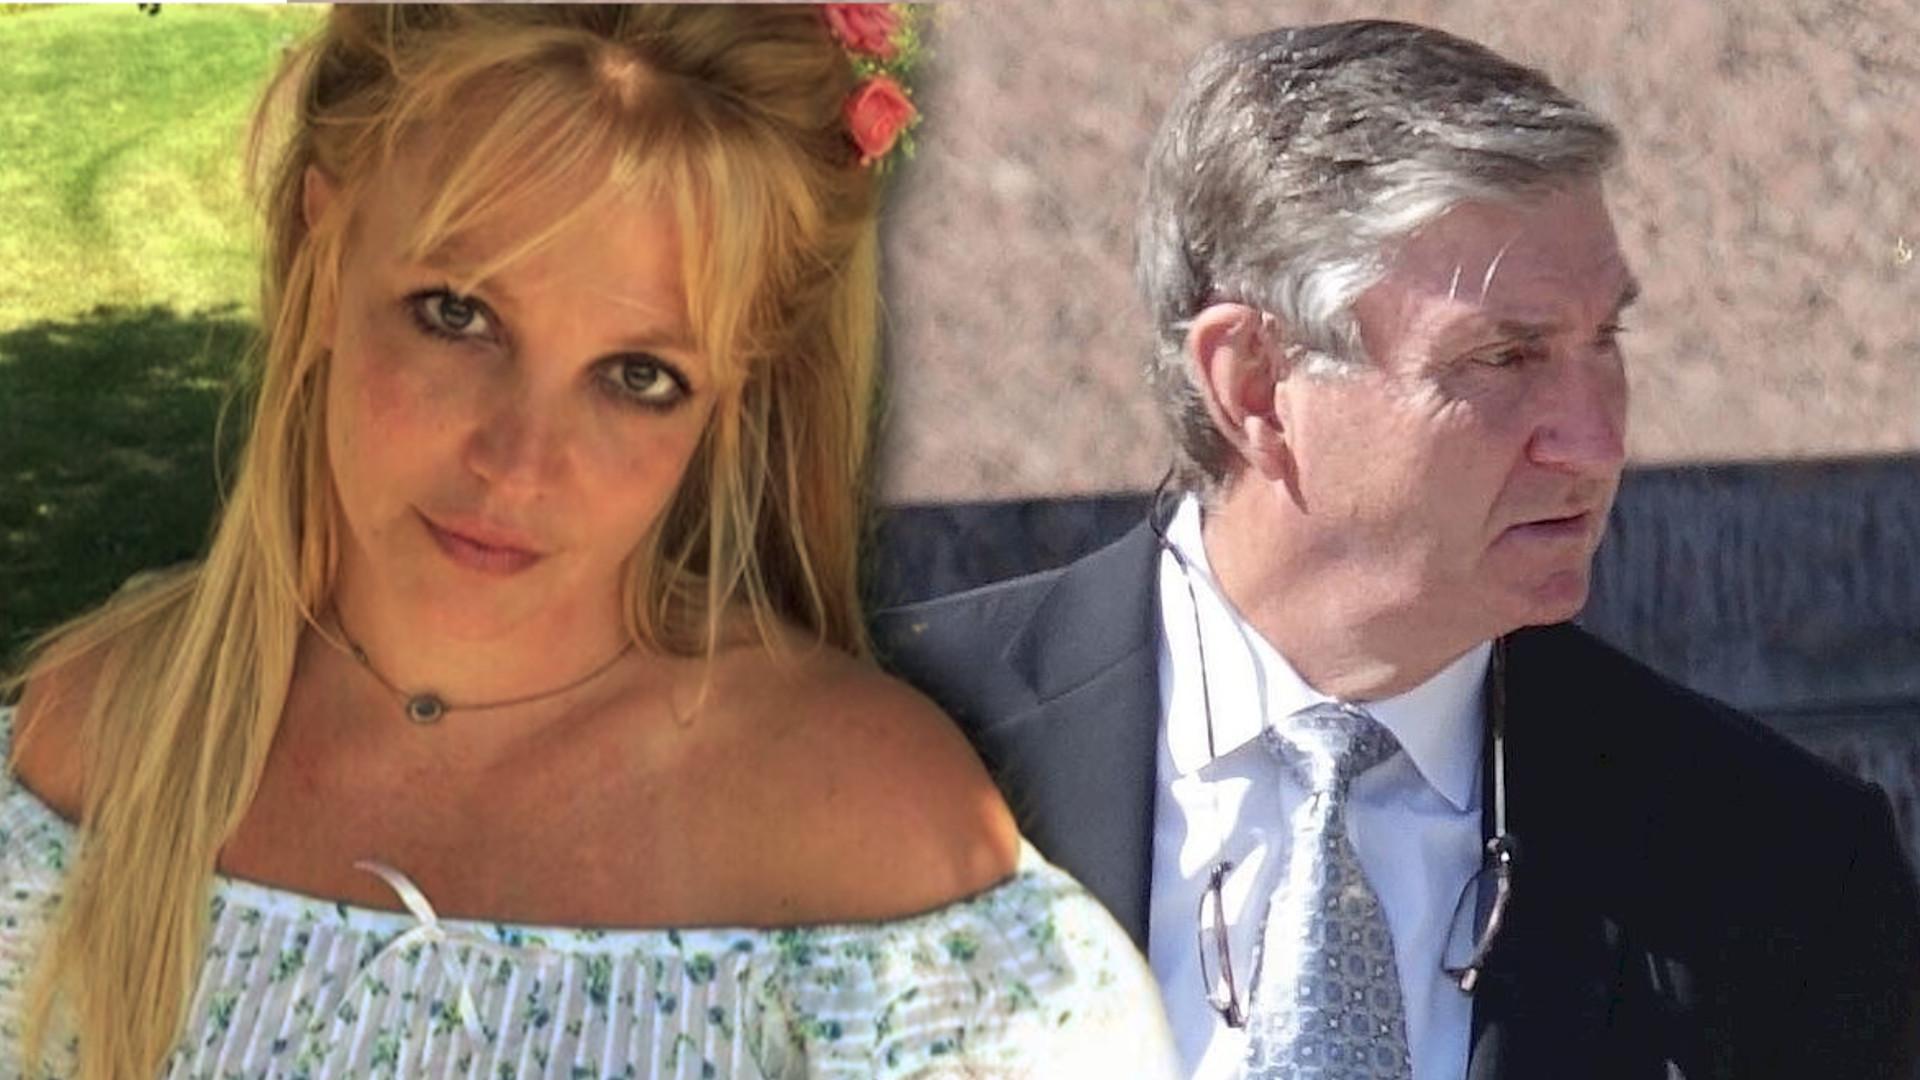 Sędzia ODRZUCIŁ wniosek Britney Spears. Zaledwie tydzień po jej zeznaniach